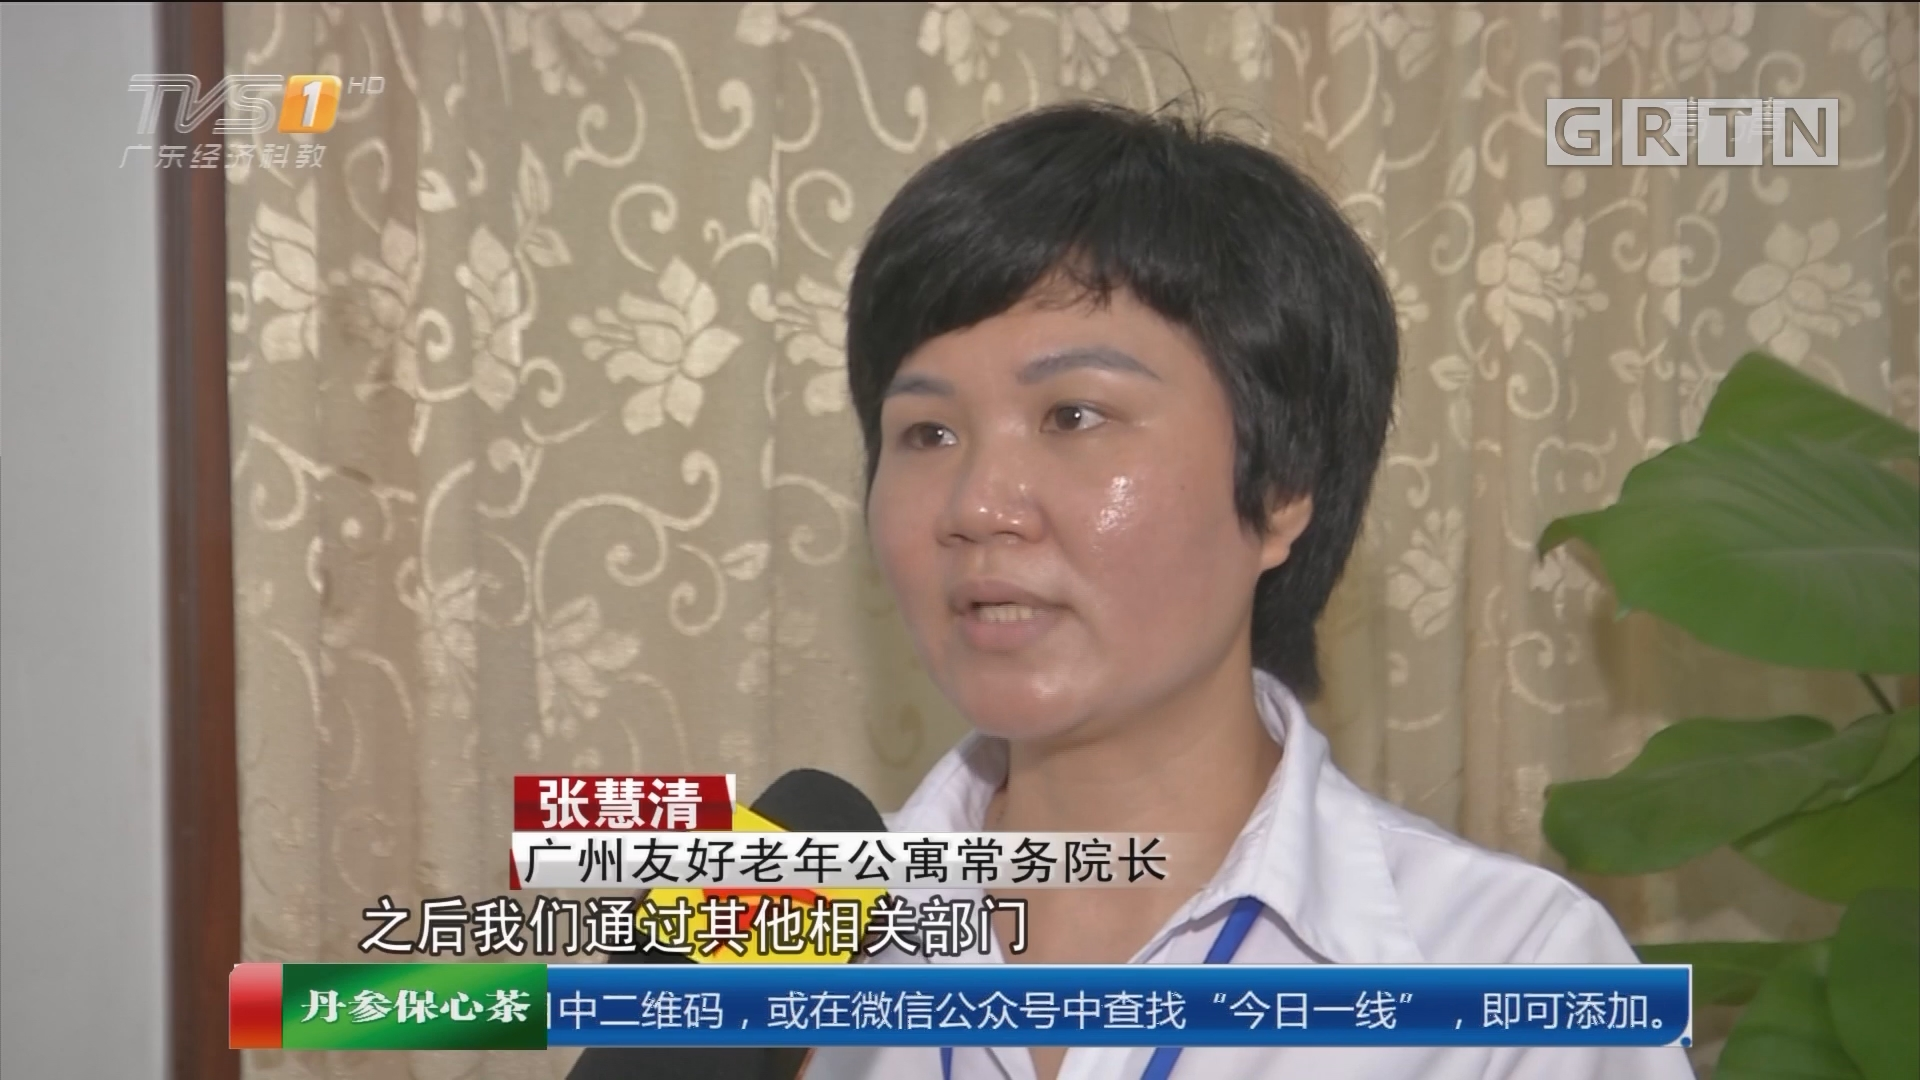 广州:老人院后山体滑坡 院方及时疏散老人